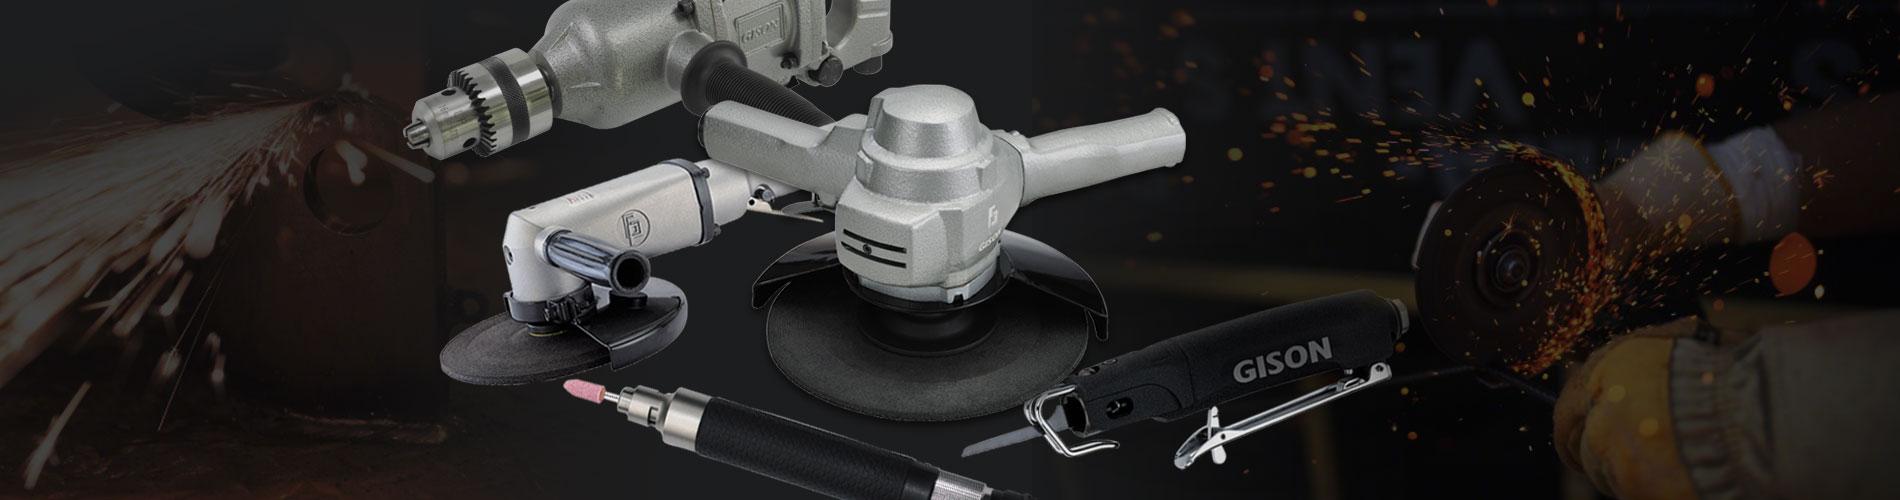 Εργαλεία αέρα για Λείανση / κοπή / διάτρηση